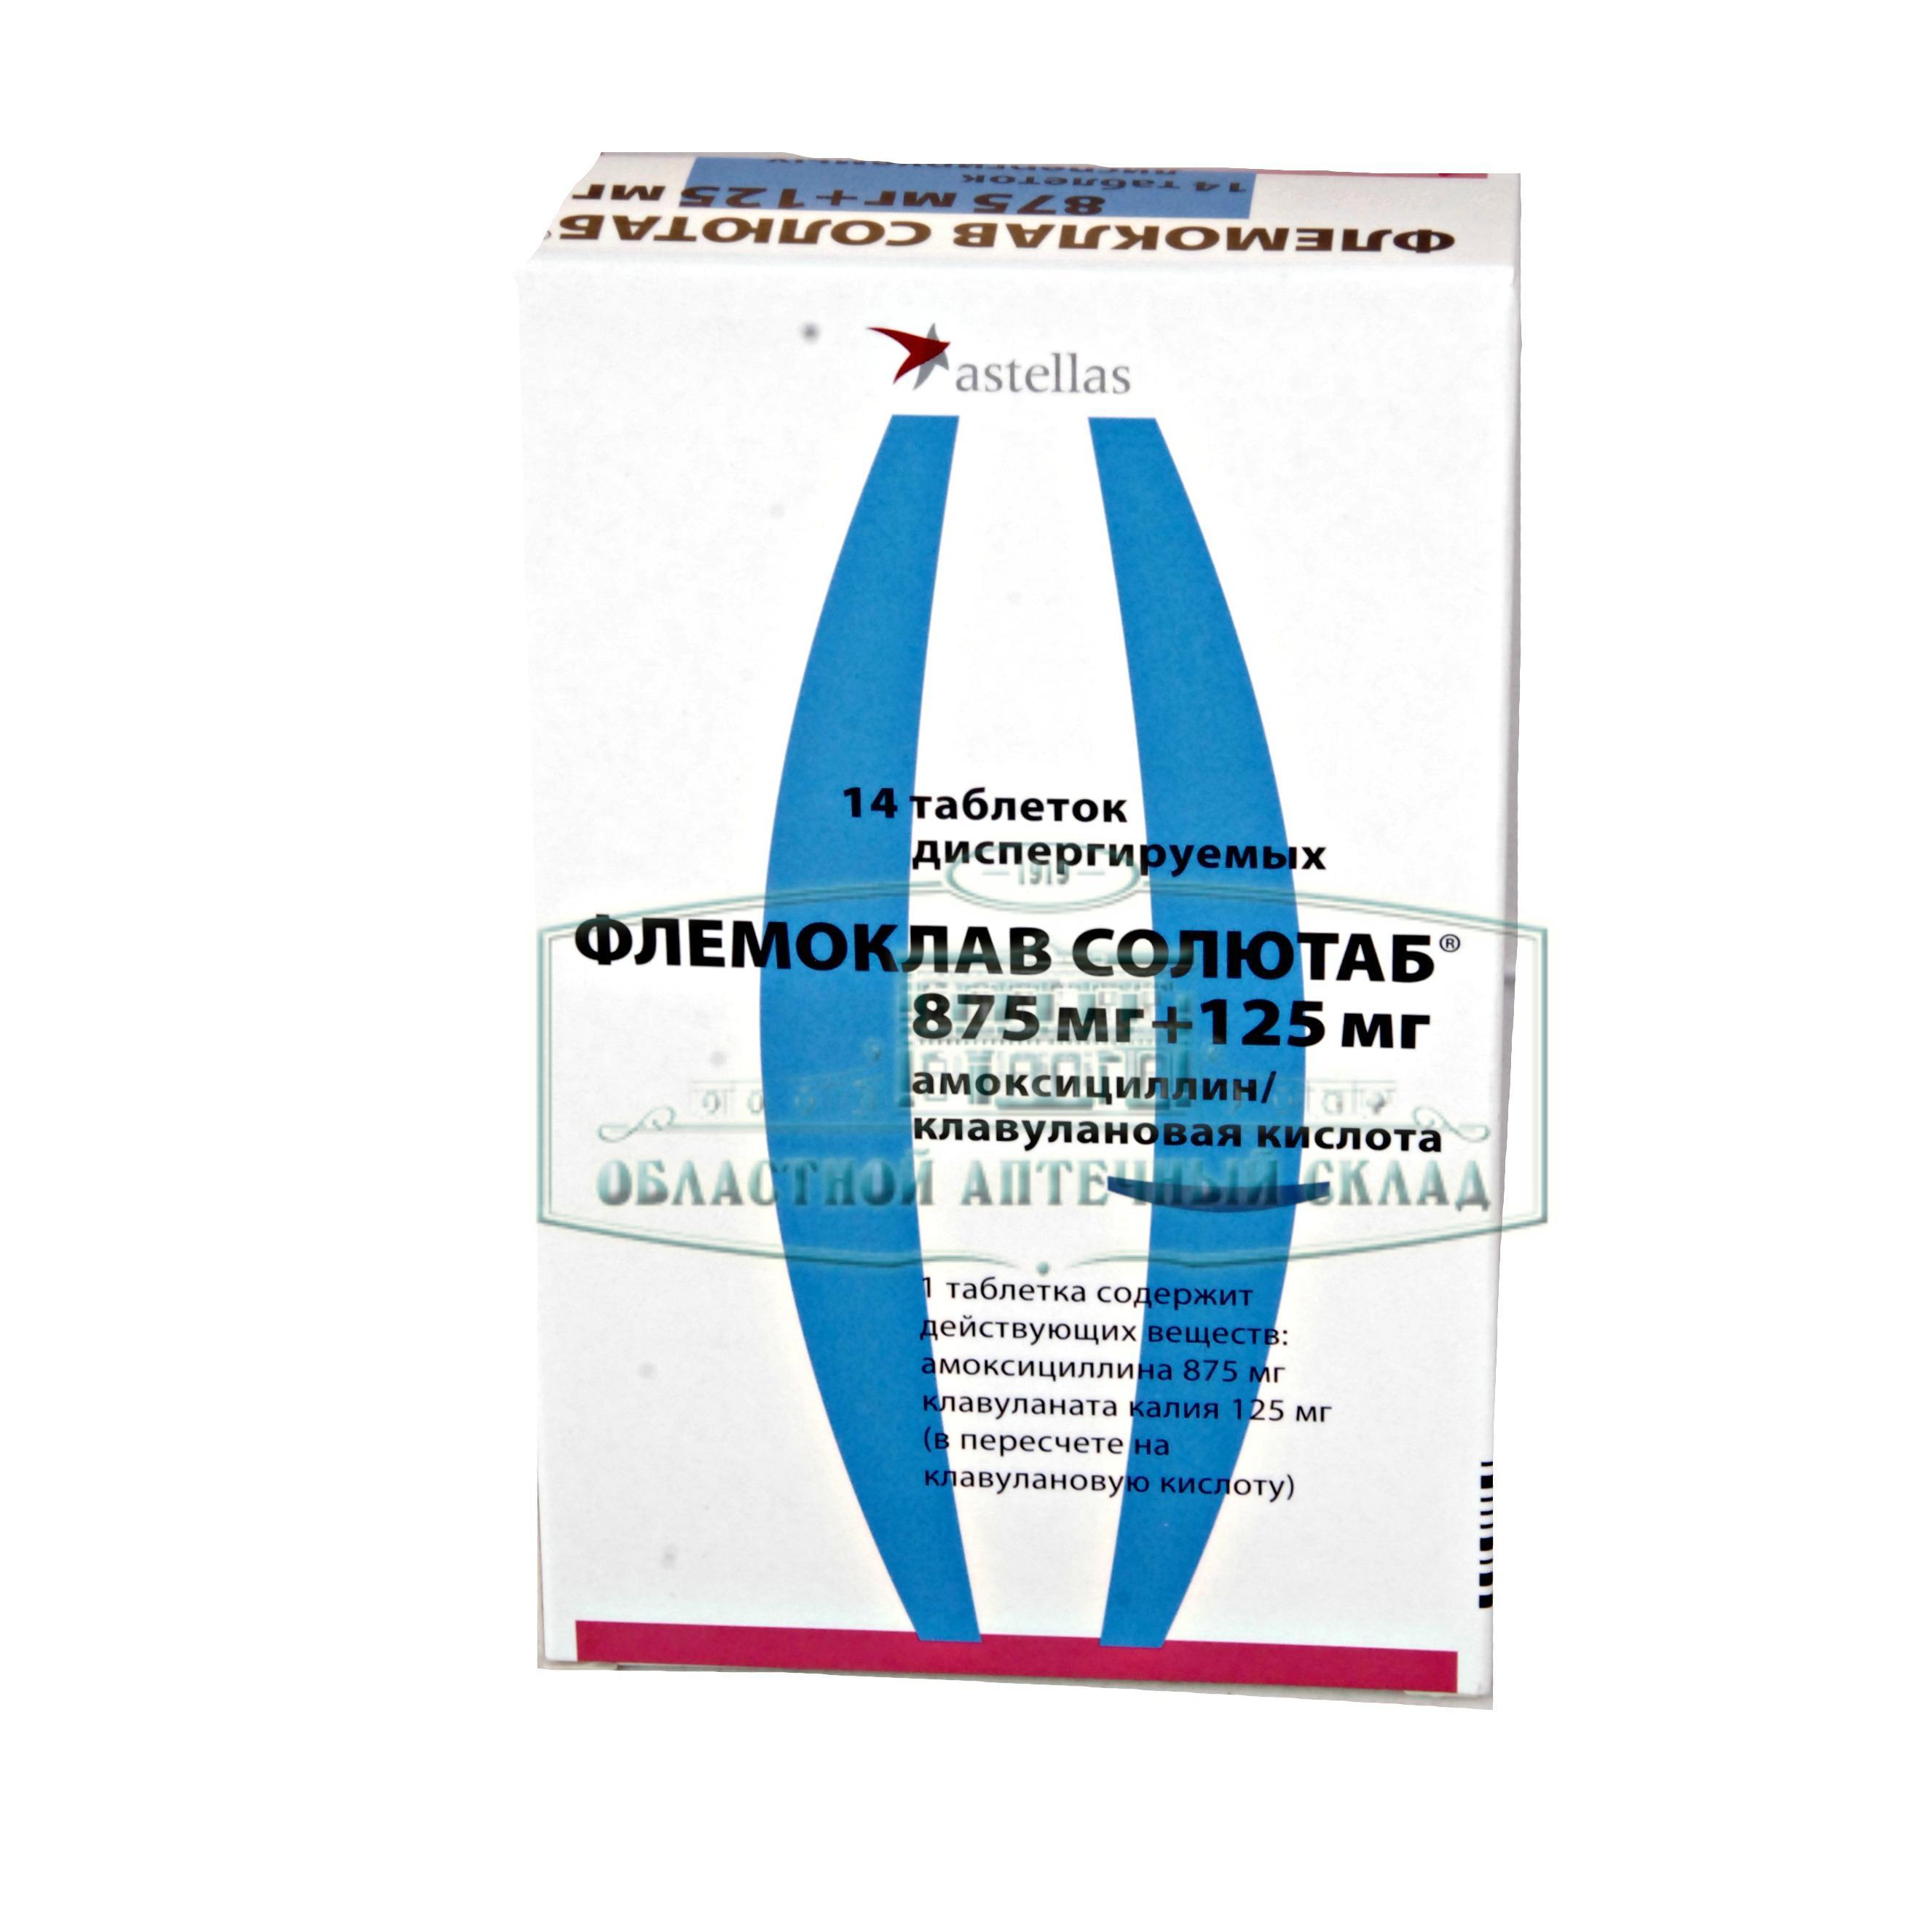 Flemoclav (amoxicillin and clavulanic acid) Soliutab tablets 125 mg/31.25 mg. №20